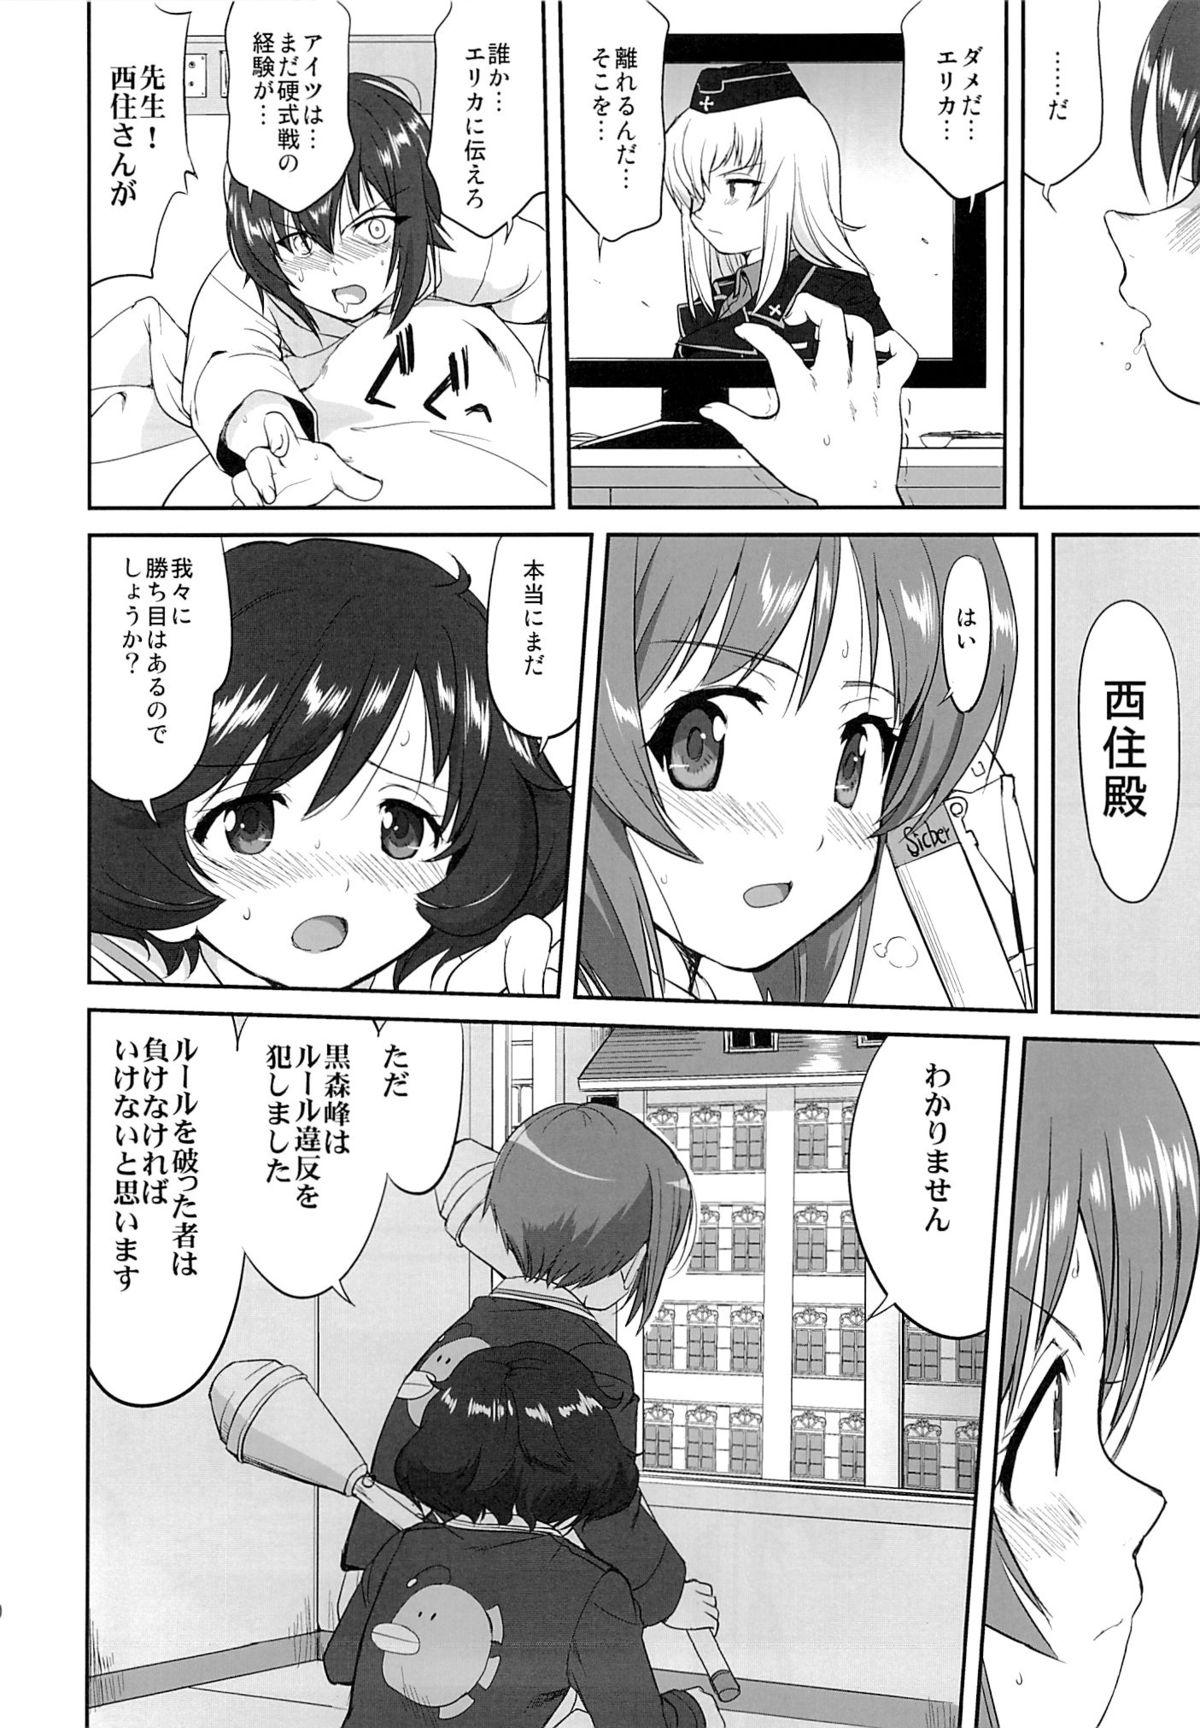 Yukiyukite Senshadou Kuromorimine no Tatakai 28